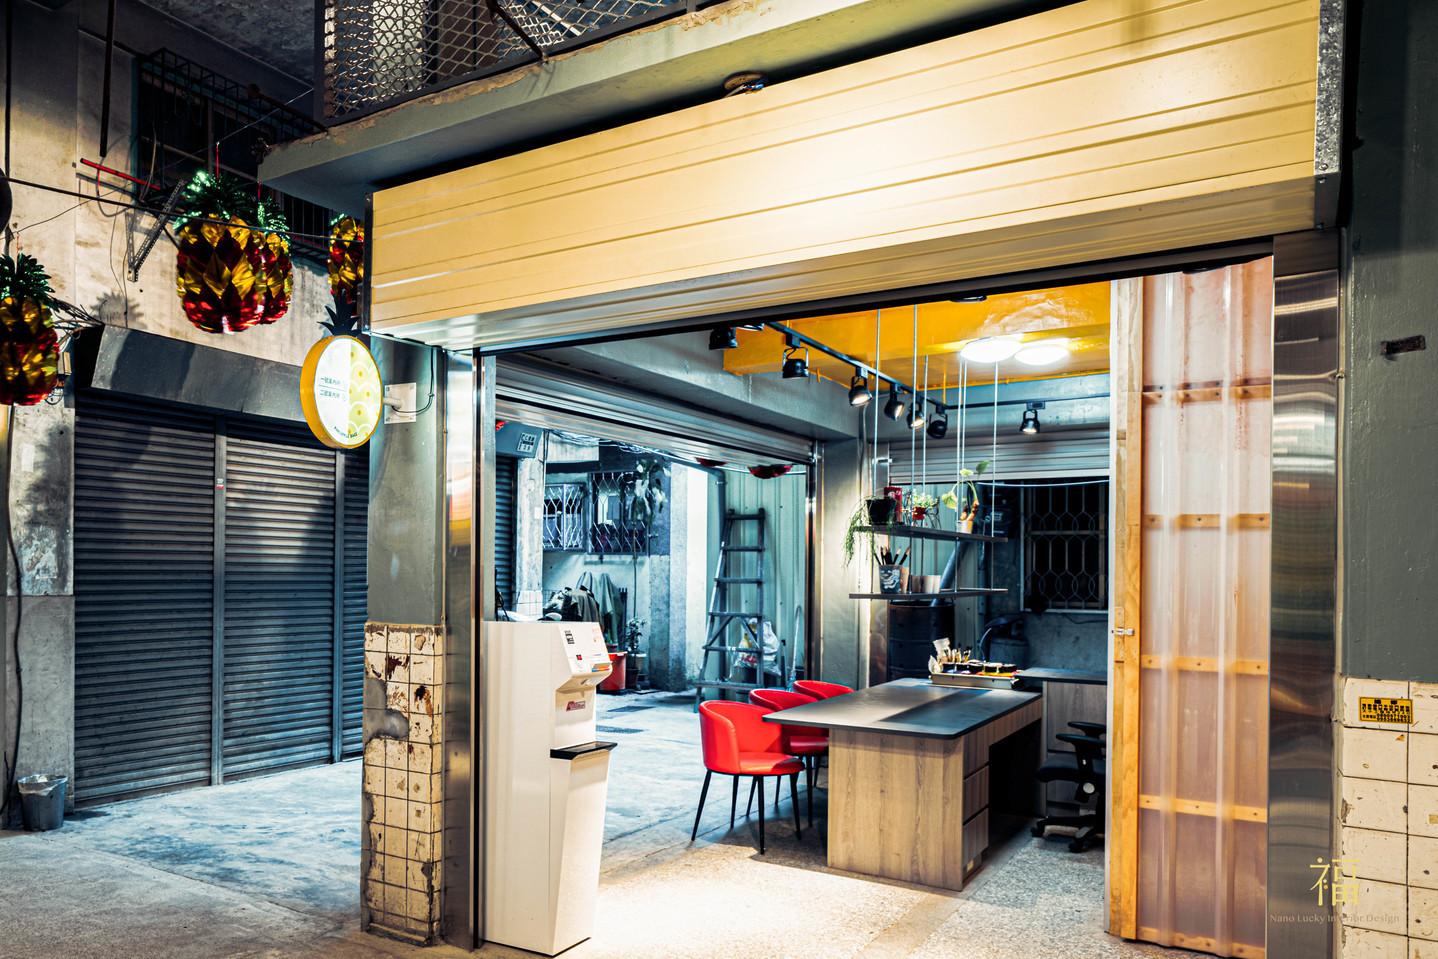 鳳梨會社5點0-社區互助關懷空間|小福砌社區空間規劃設計